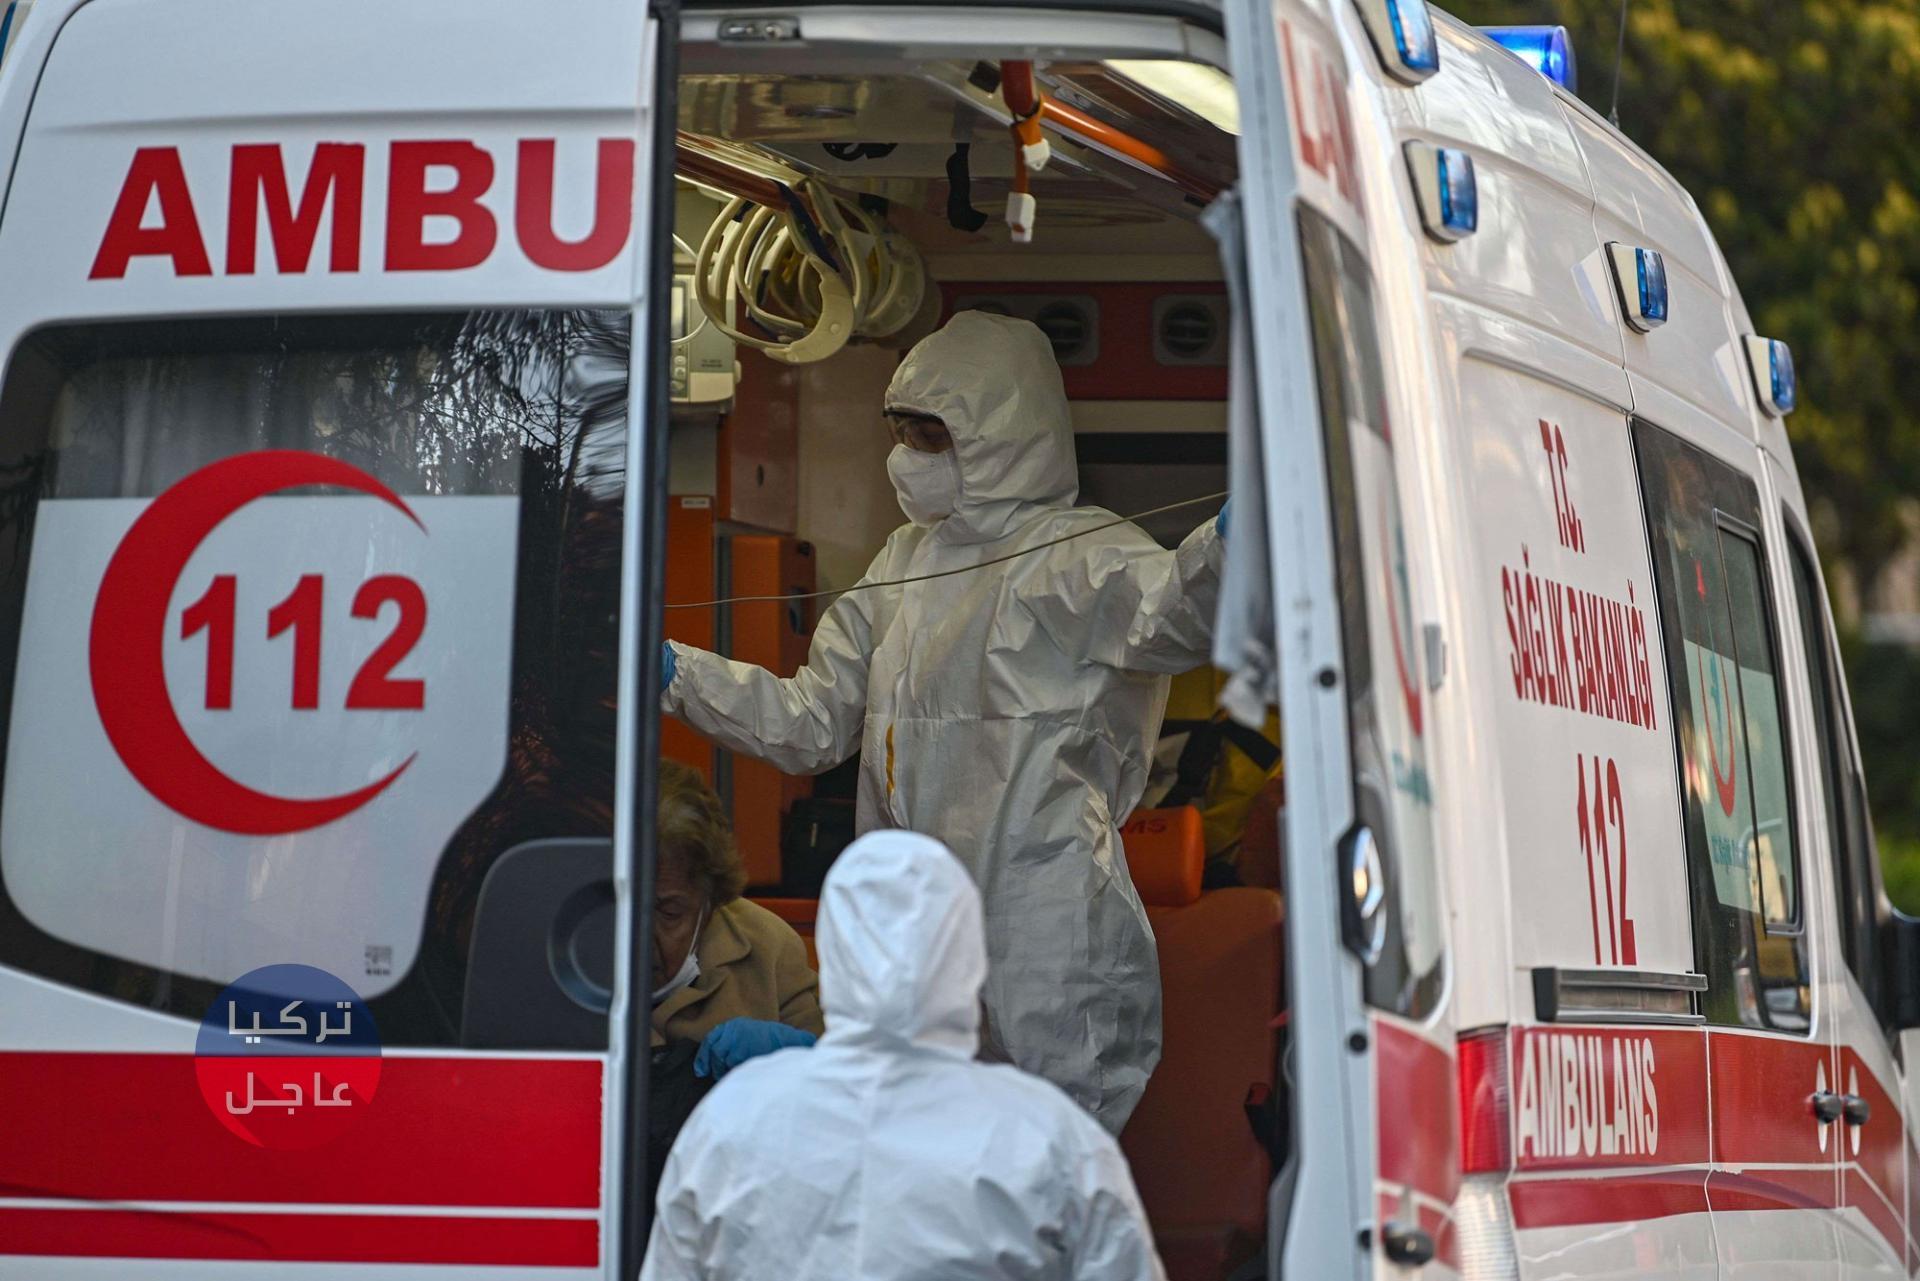 """بعد تناقص عدد الإصابات فيها.. هذه الأحياء في إسطنبول تعود إلى دائرة """"خطر كورونا"""""""